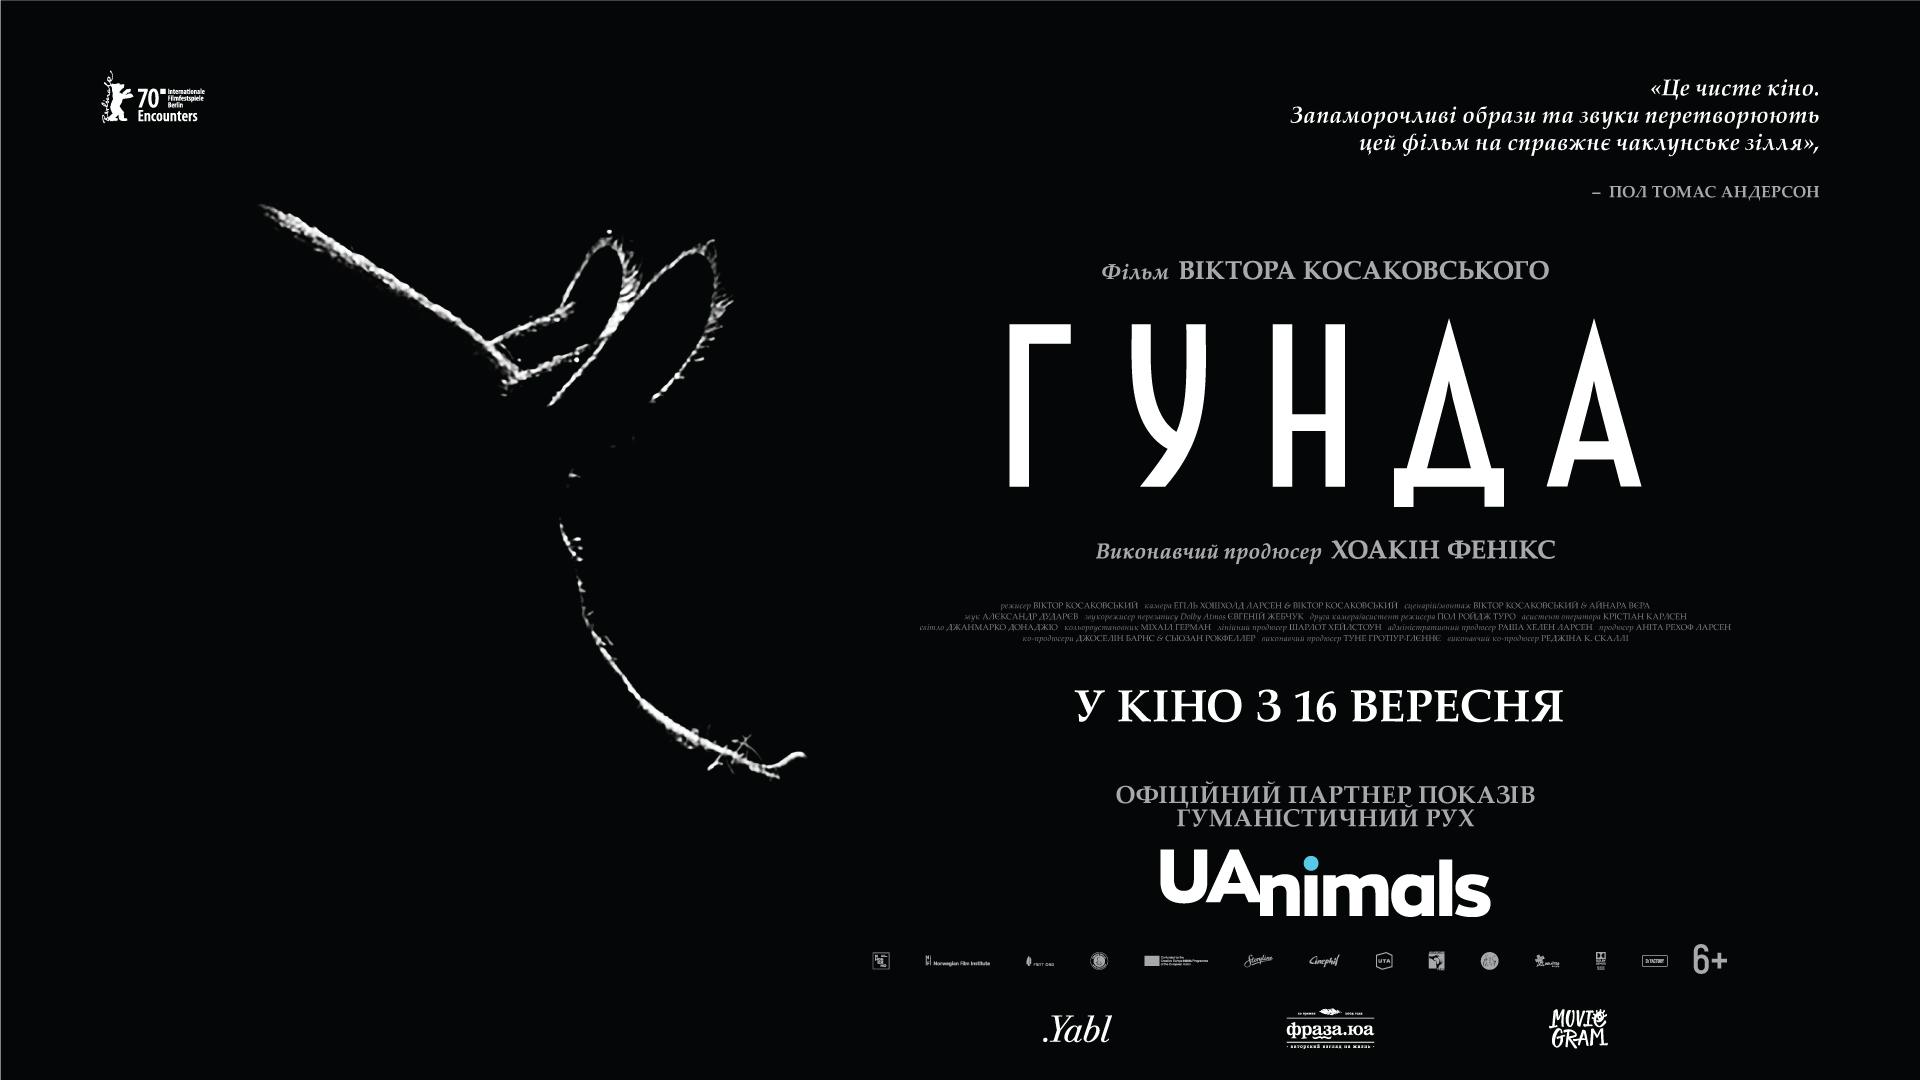 Спродюсований Хоакіном Феніксом документальний фільм про життя свині «Гунда» виходить в український прокат-Фото 1